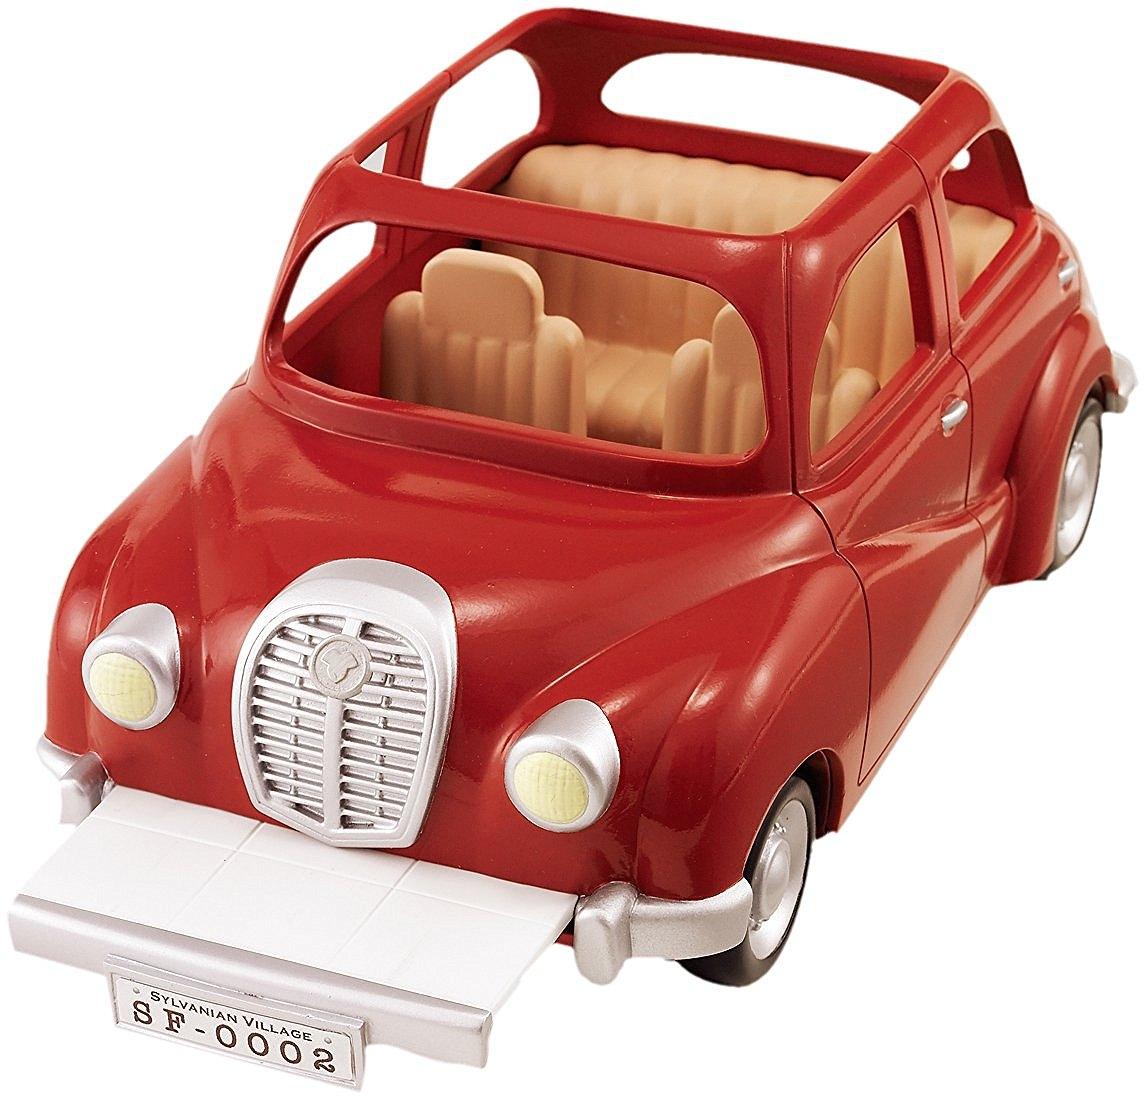 Игровой набор Sylvanian Families 2002 Семейный автомобиль (красный)